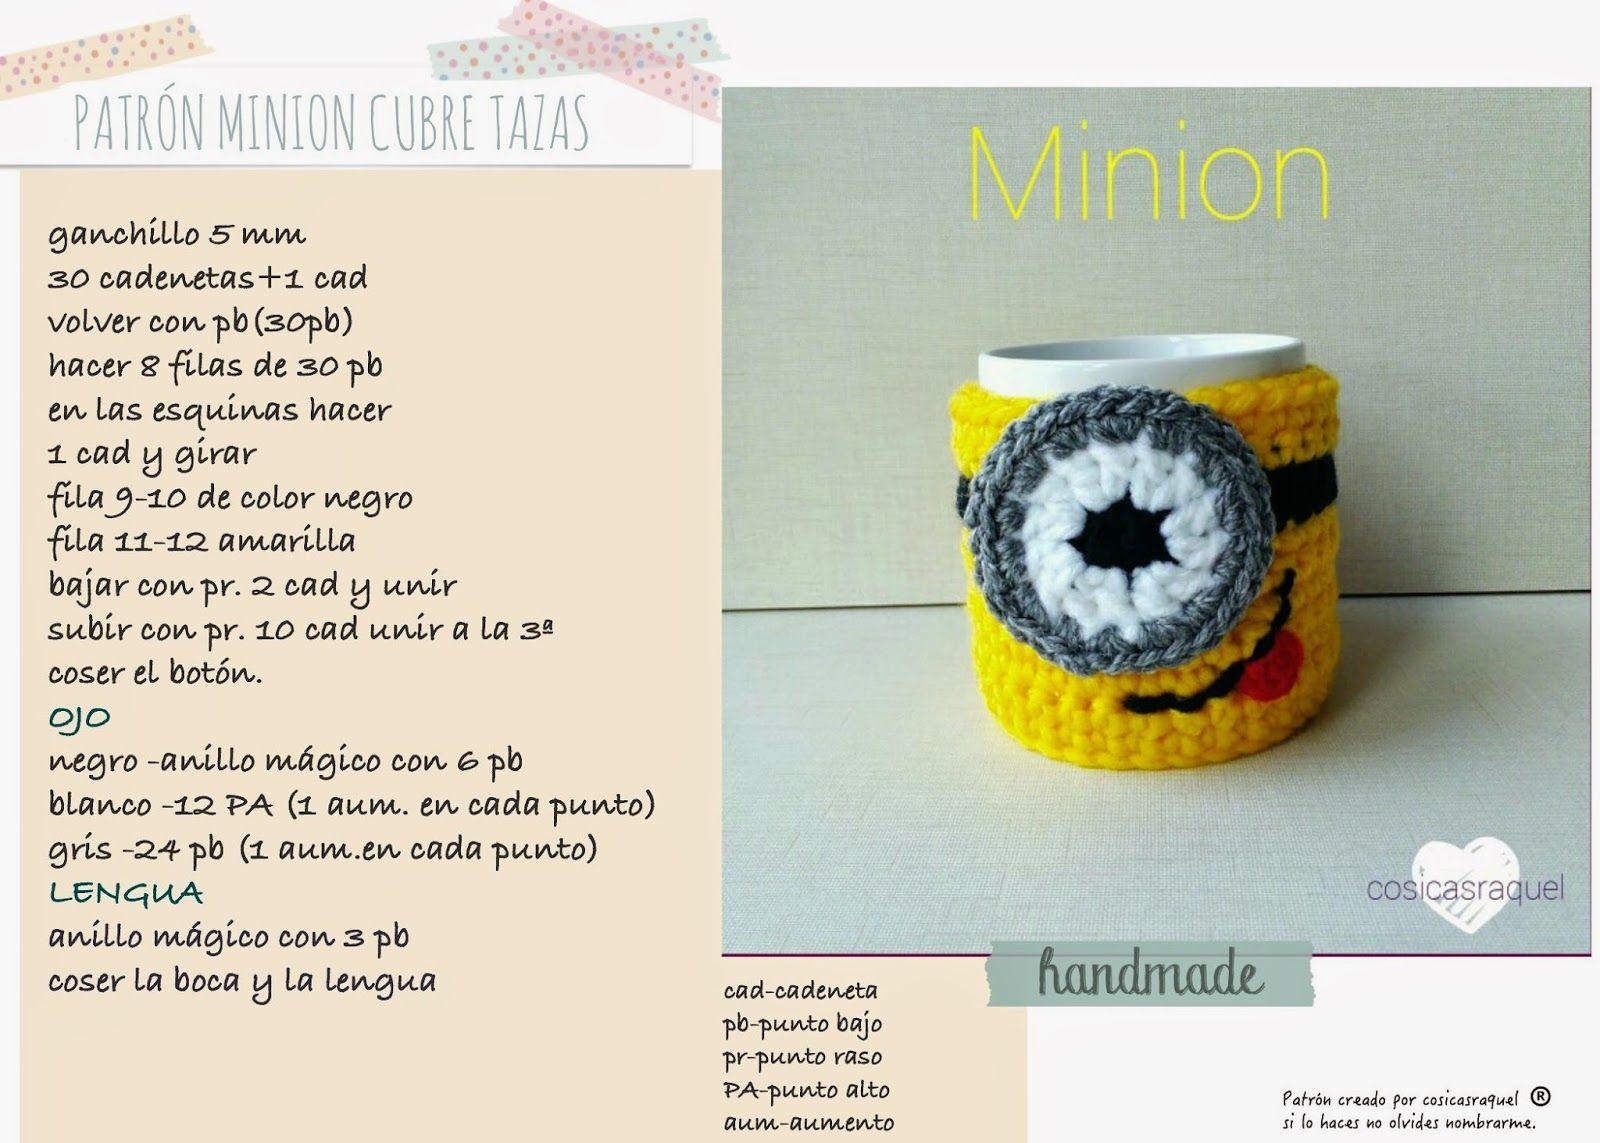 PATRÓN CUBRE TAZAS MINION DE CROCHET | Amigurumi, Crochet and ...